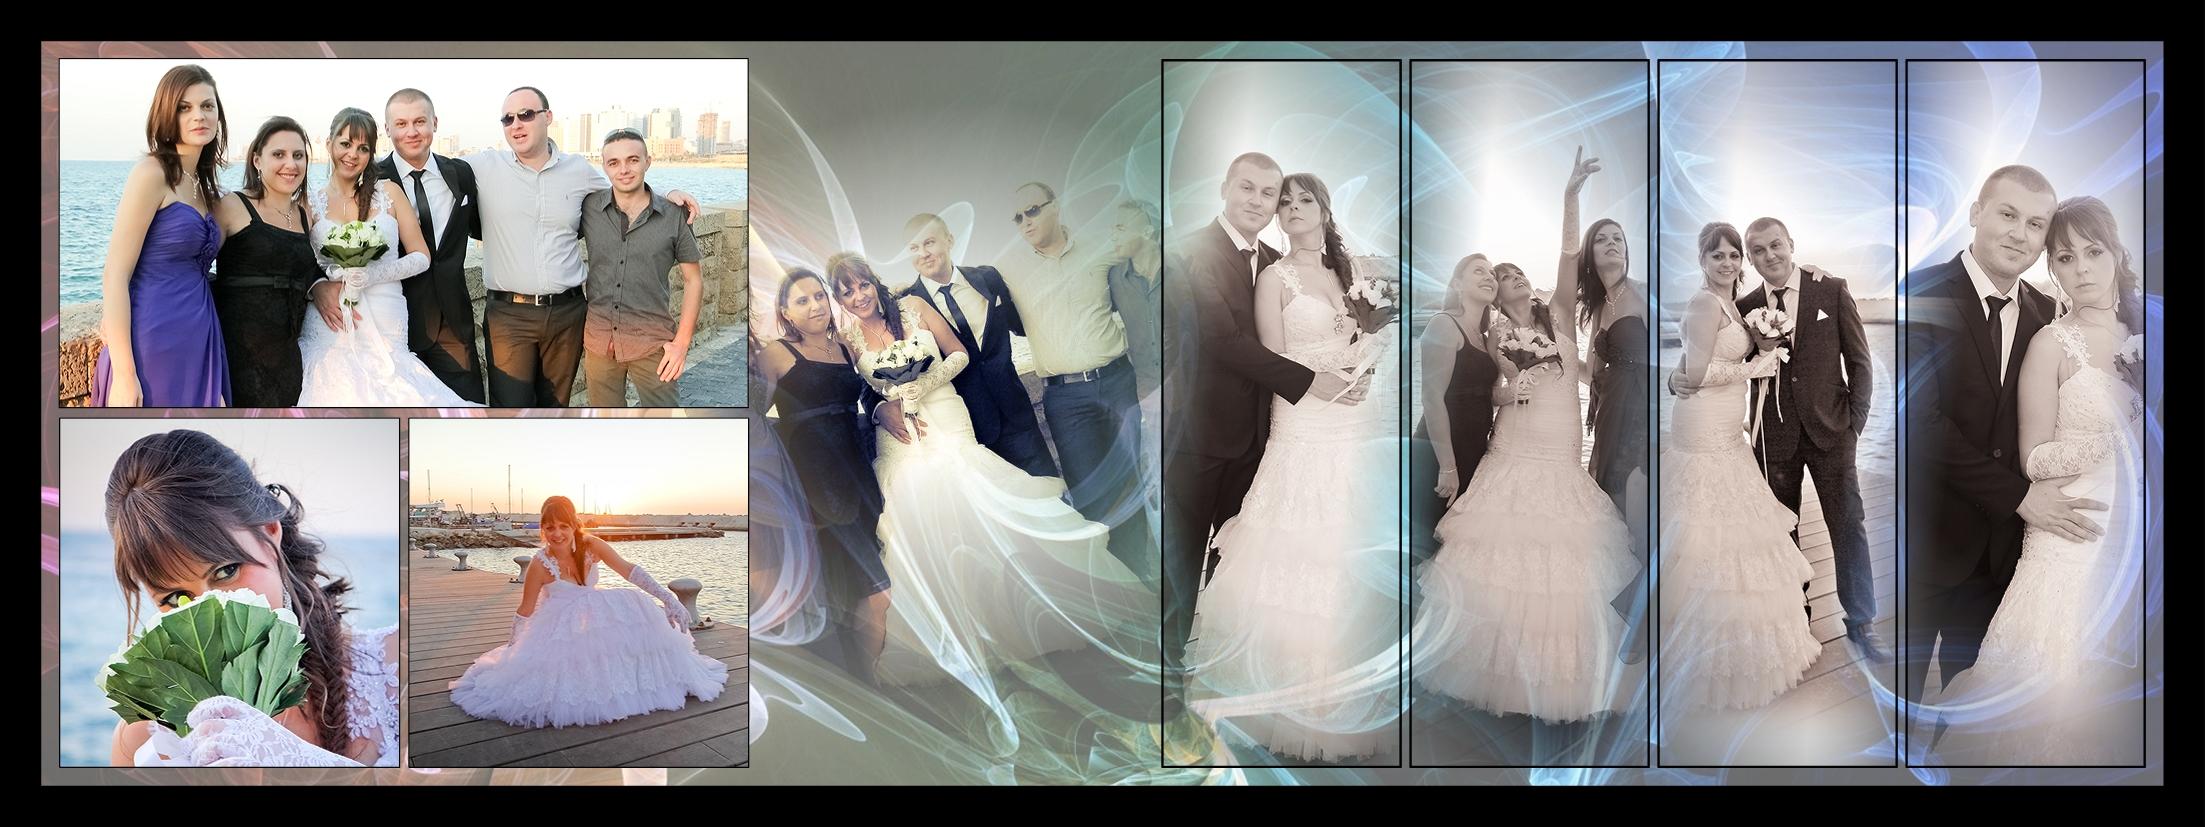 צילום חתונות ברחפן